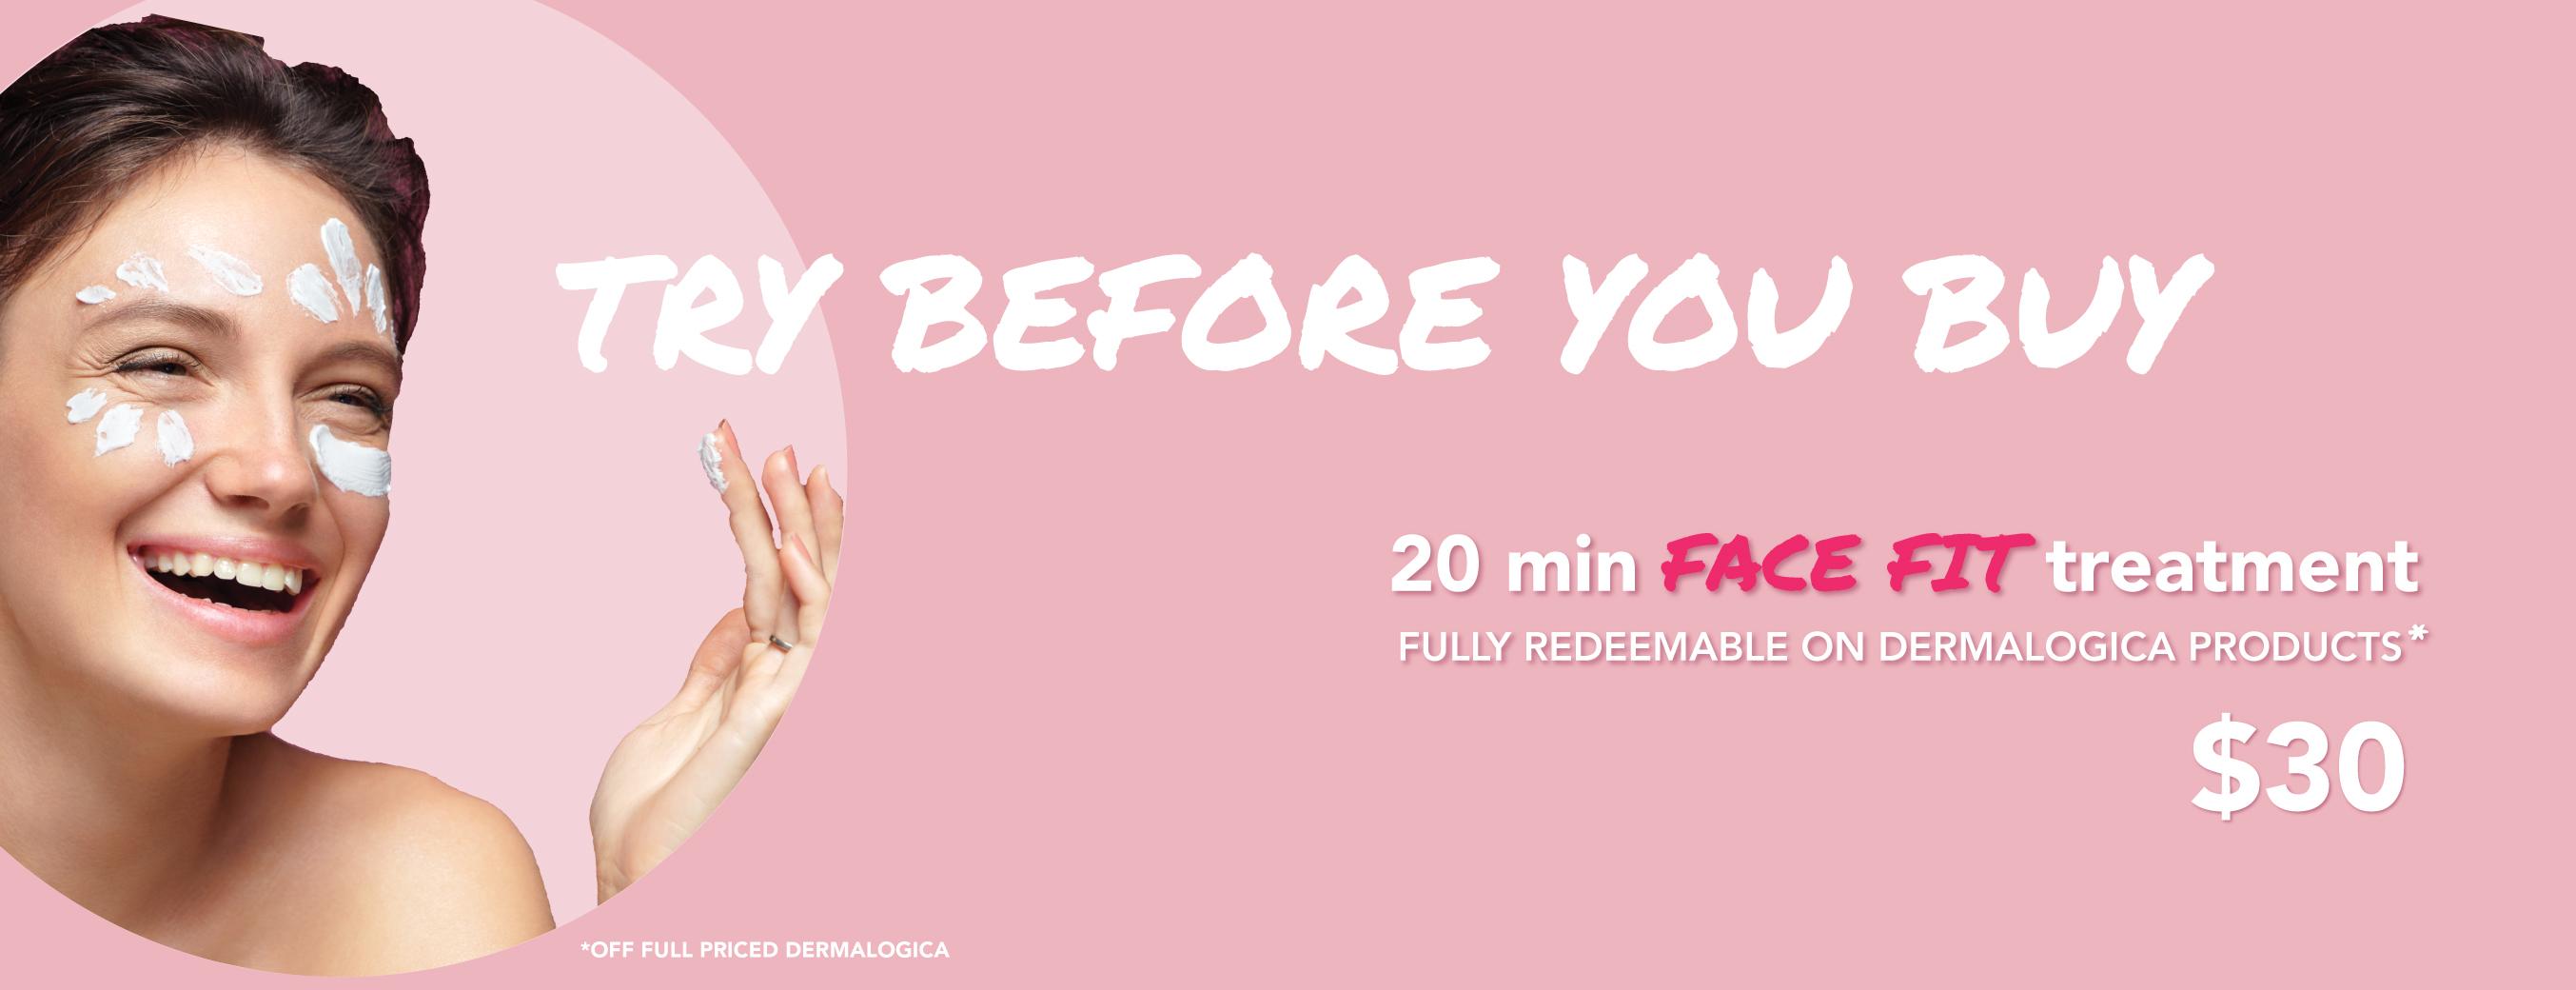 Dermalogica Face fit treatment beauty & bronze sale